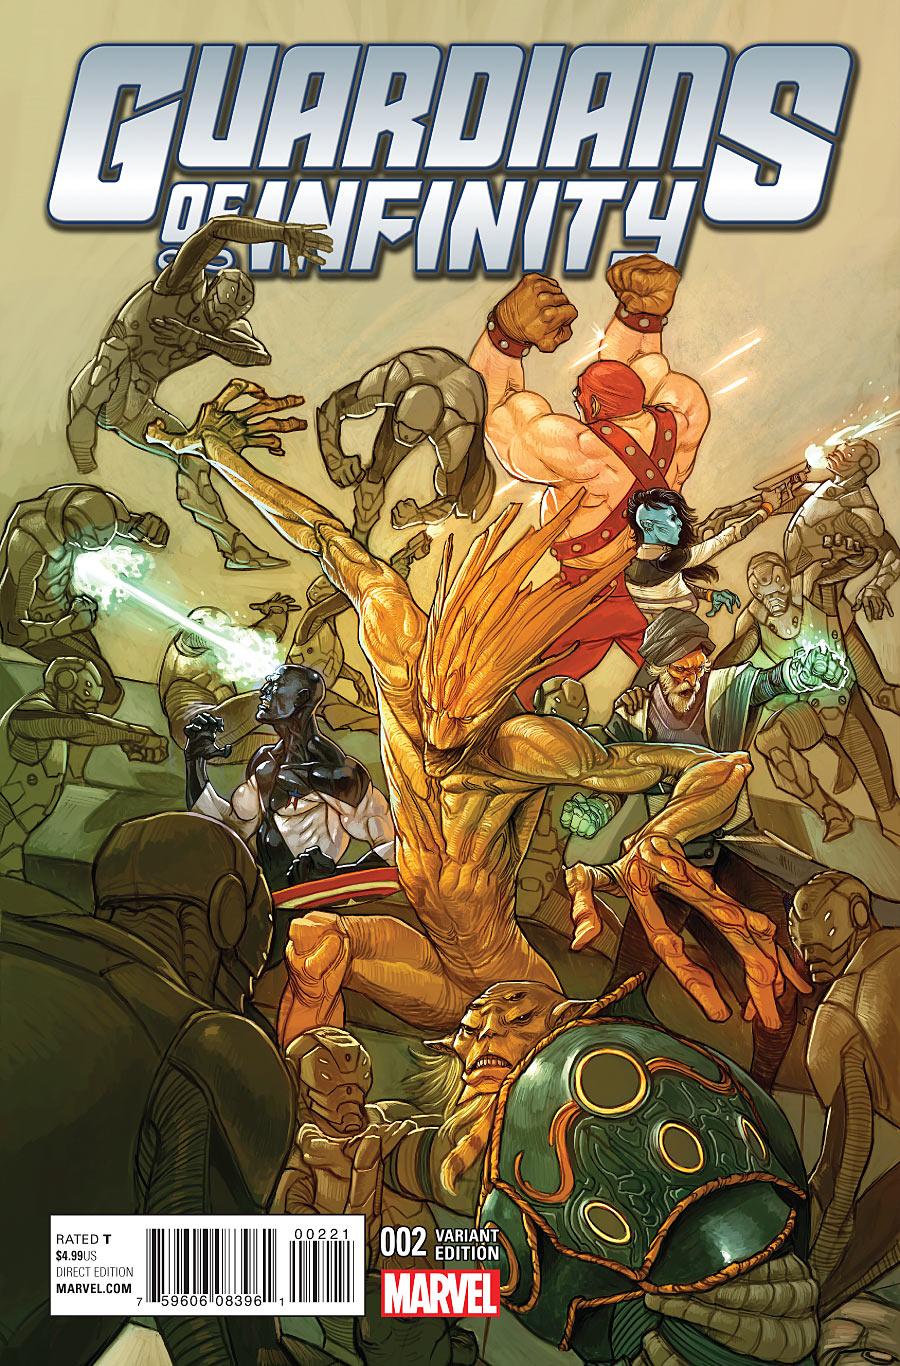 Guardians of Infinity Vol 1 2 Choo Variant.jpg